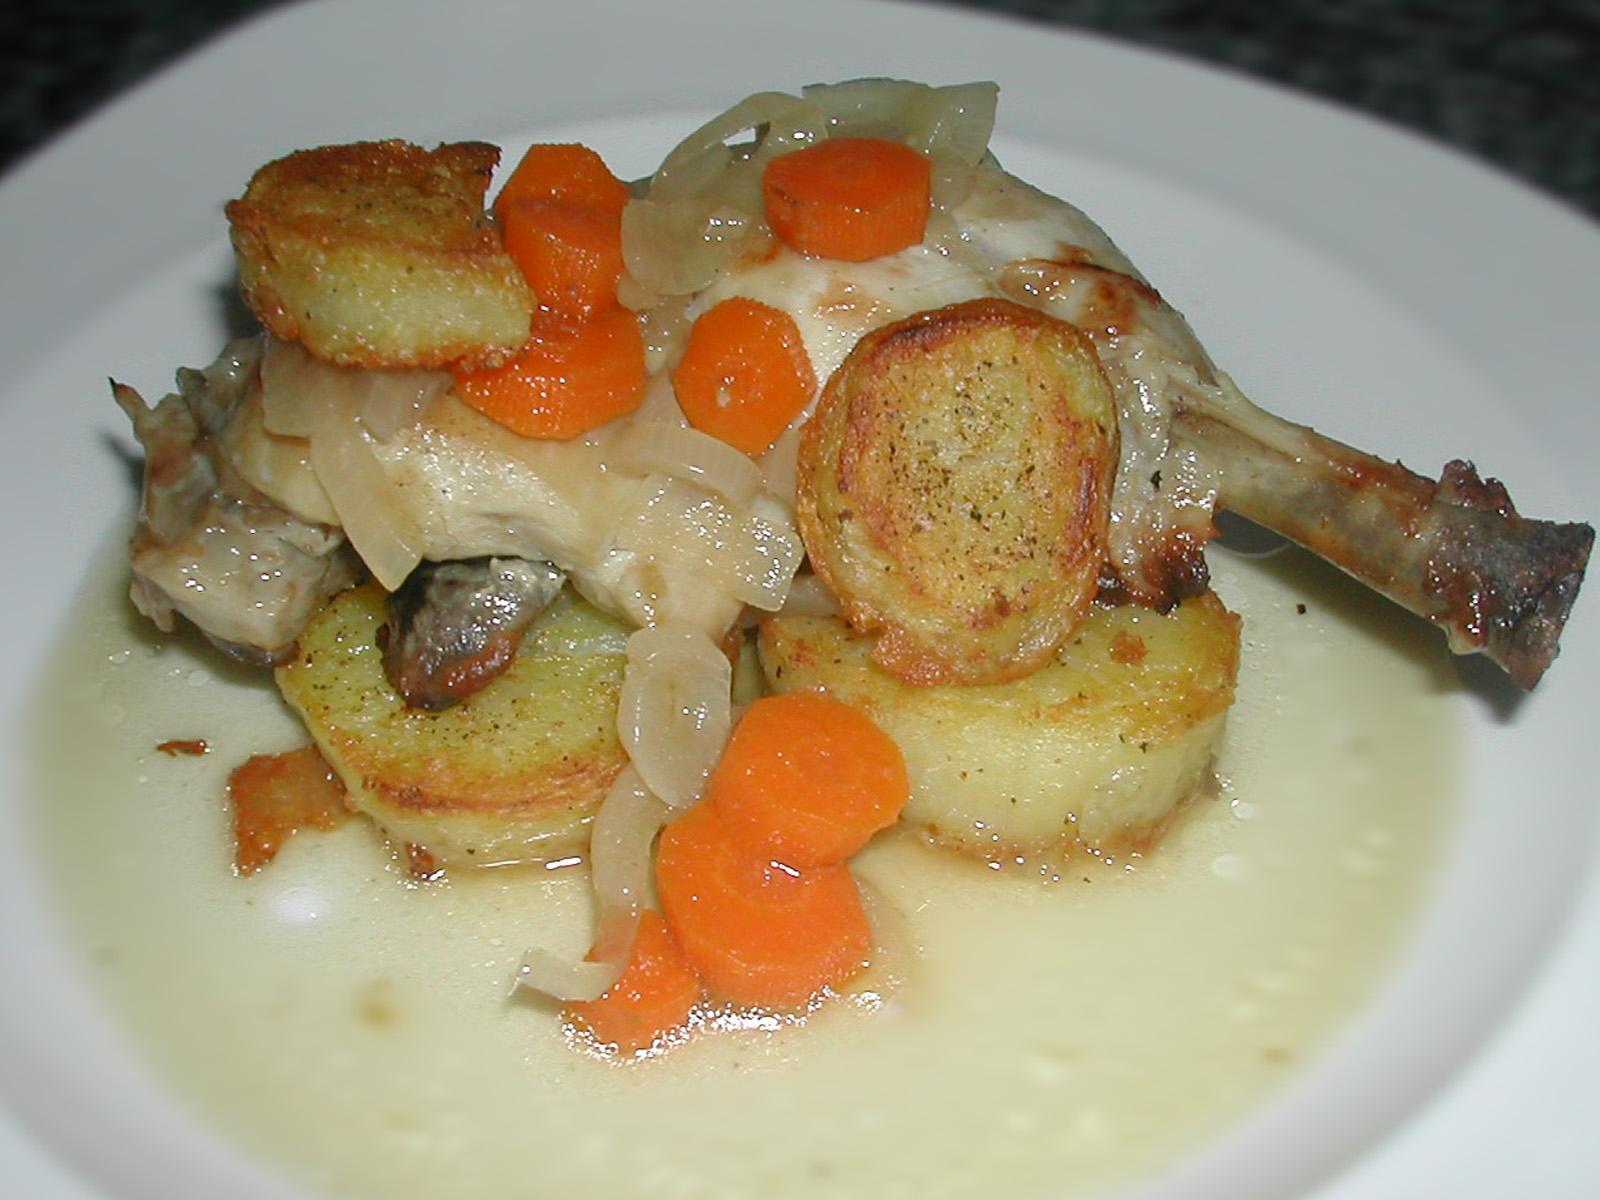 Ecsblog cuartos traseros de pollo al horno for Cuartos traseros de pollo